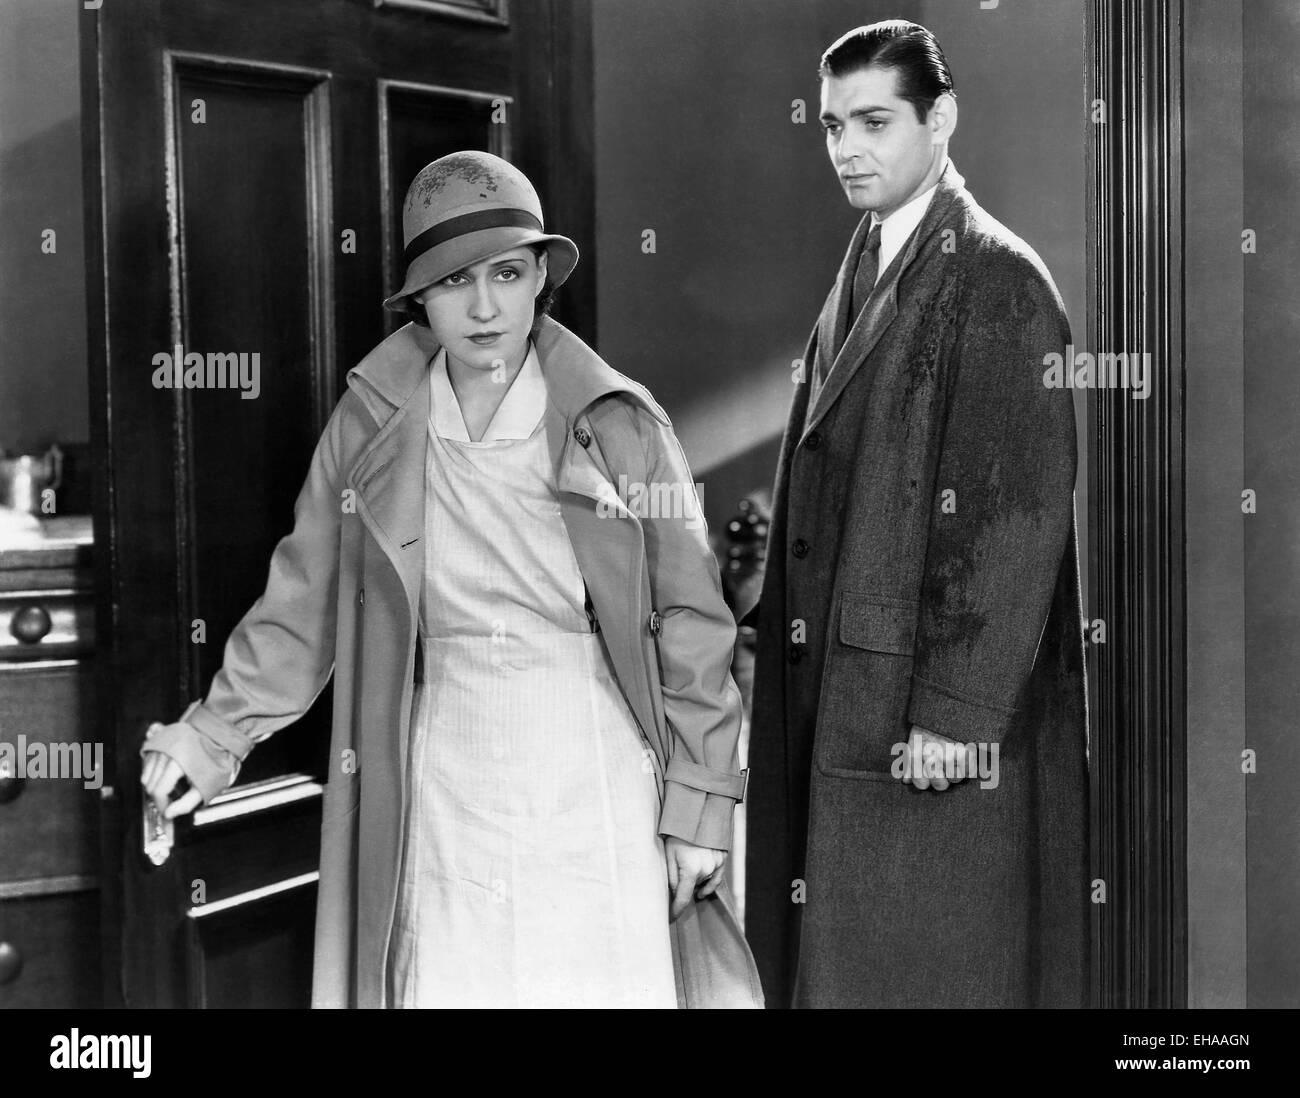 Clark Gable, Norma Shearer, on-set of the Film 'Strange Interlude', 1932 - Stock Image